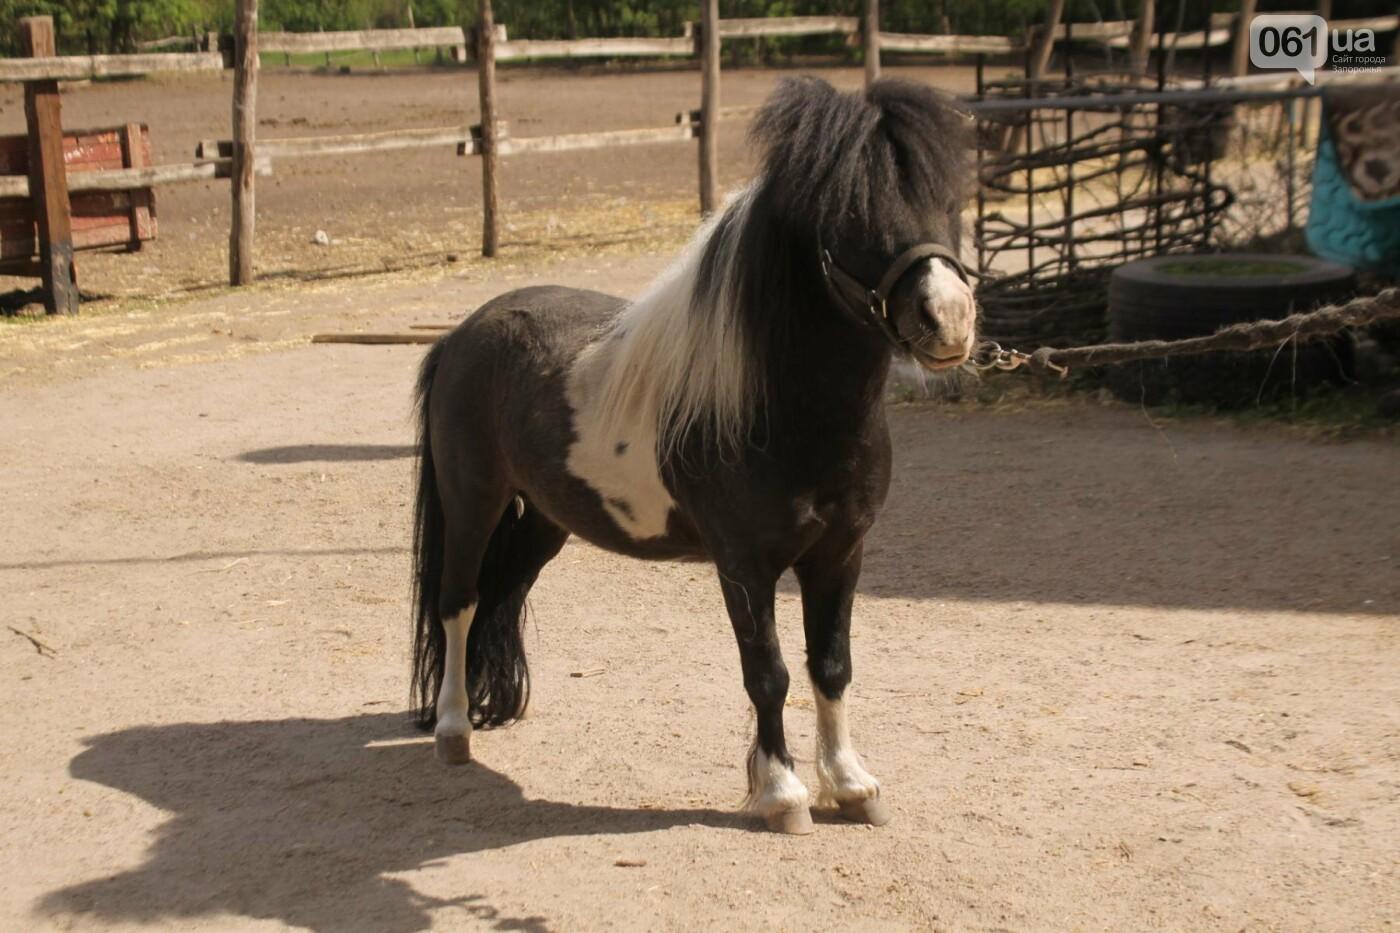 Незабываемое общение с лошадьми: экскурсия в конноспортивный клуб «Патриот», – ФОТОРЕПОРТАЖ, фото-22